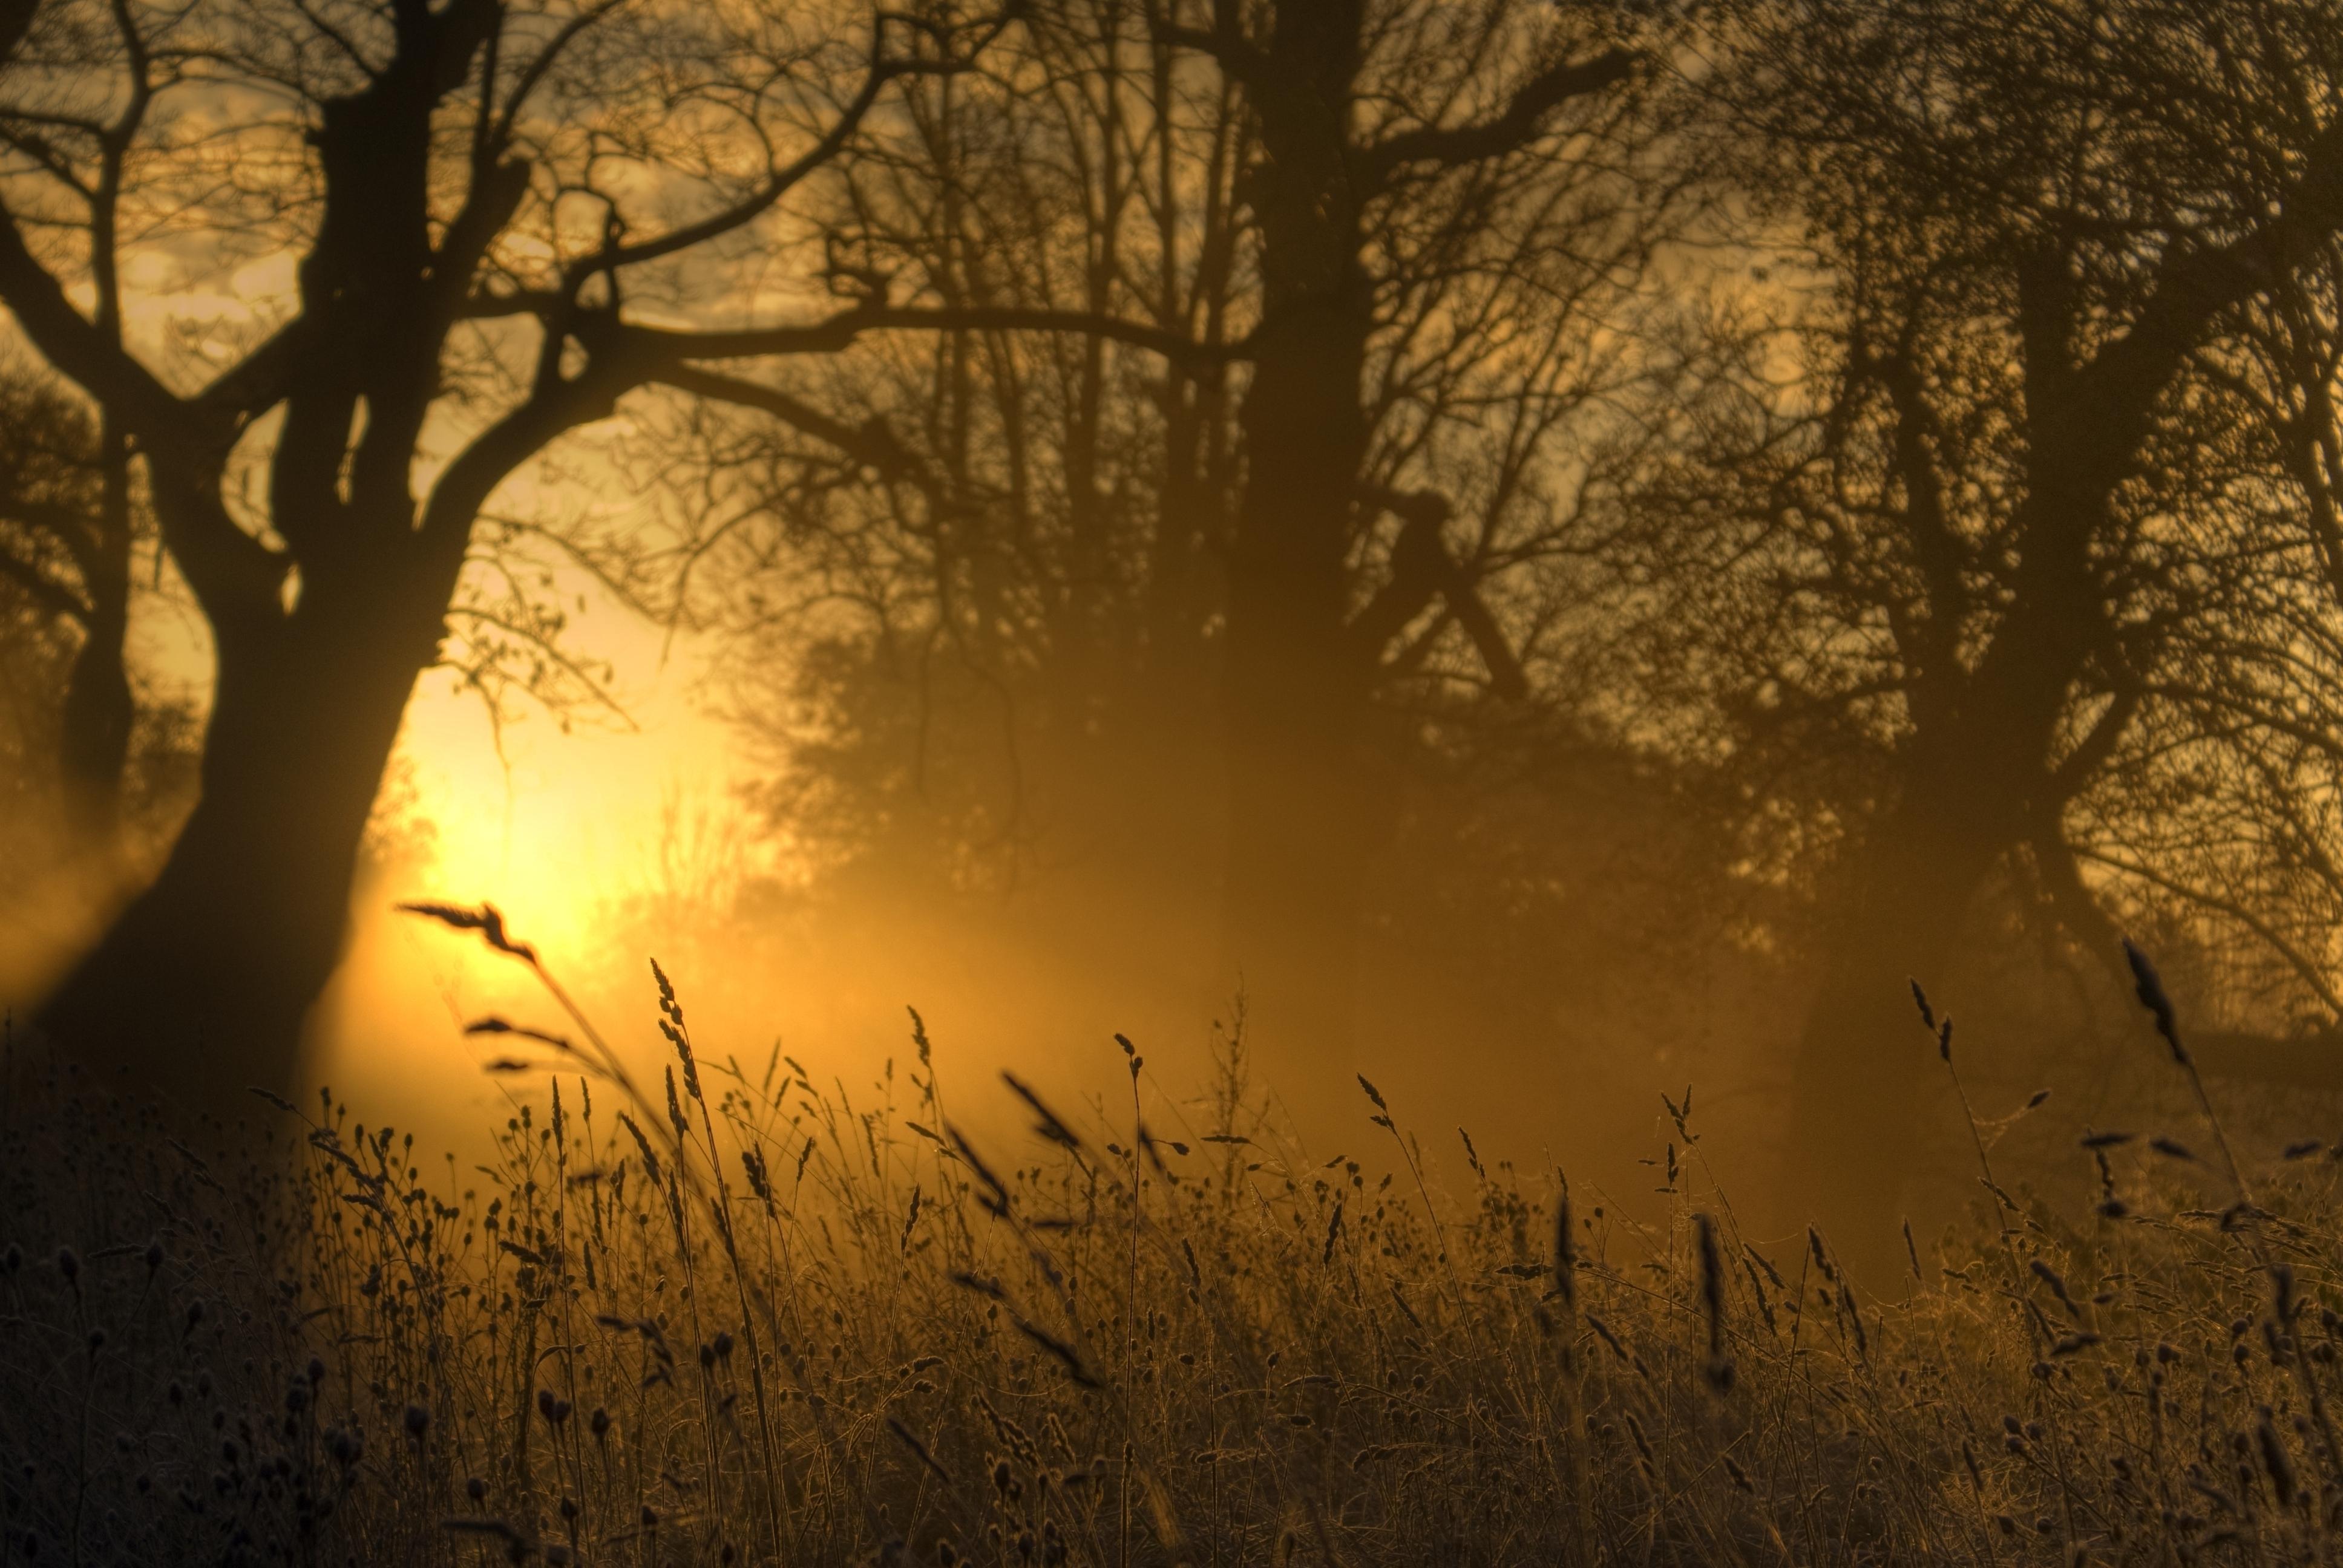 95018 Заставки и Обои Солнце на телефон. Скачать Солнце, Природа, Деревья, Свет, Очертания, Колосья, Зарево картинки бесплатно